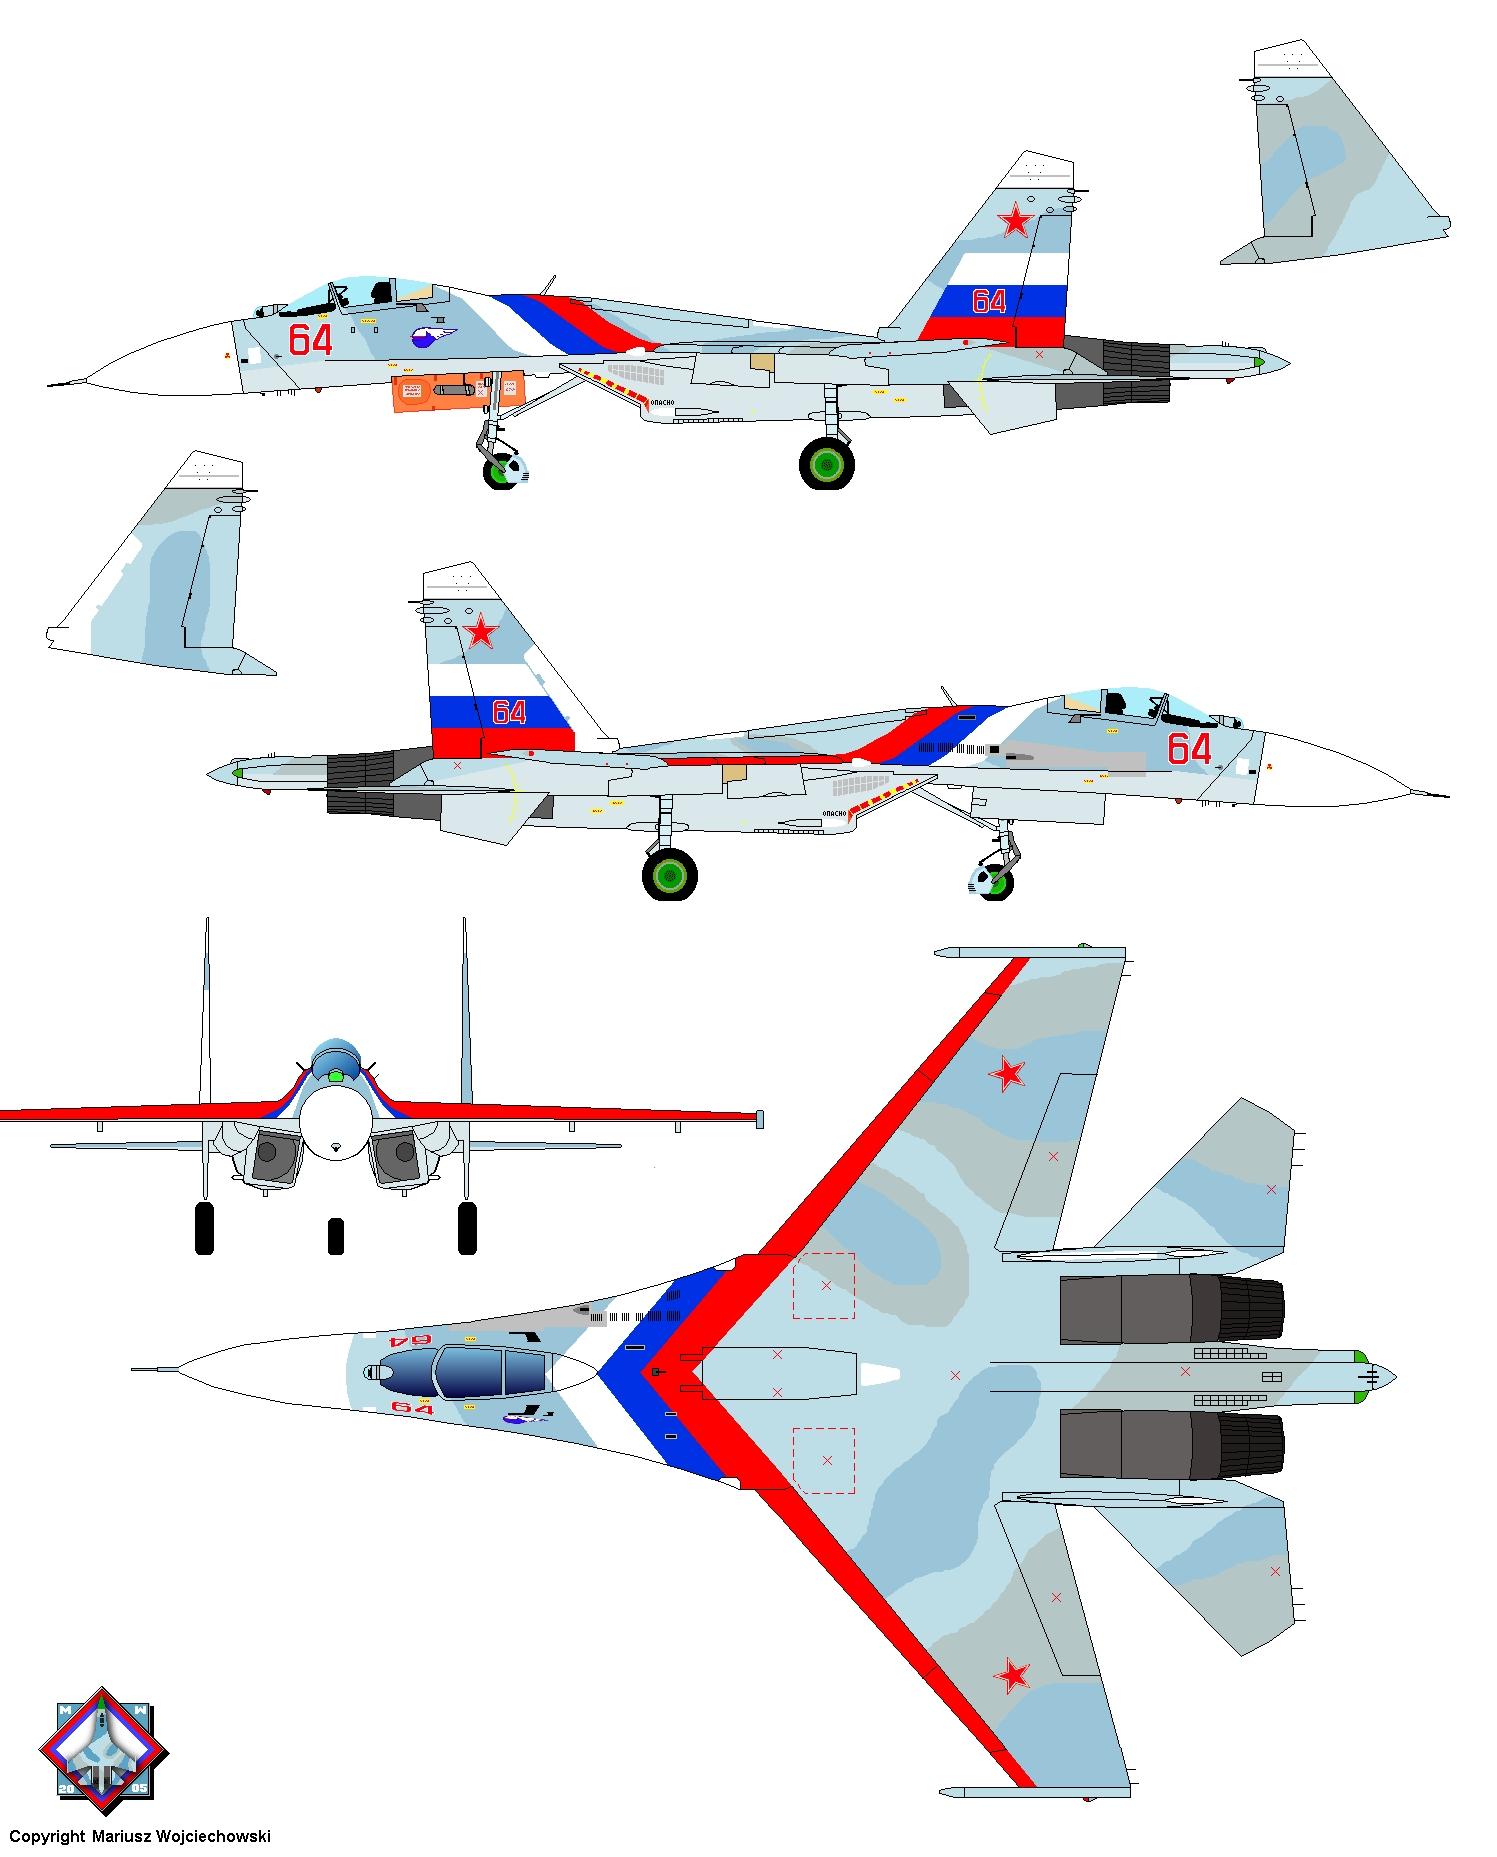 su27[64] lipieck sukhoi su 30 story in colours sukhoi su 30 fighter worldwide su-27 em diagram at crackthecode.co